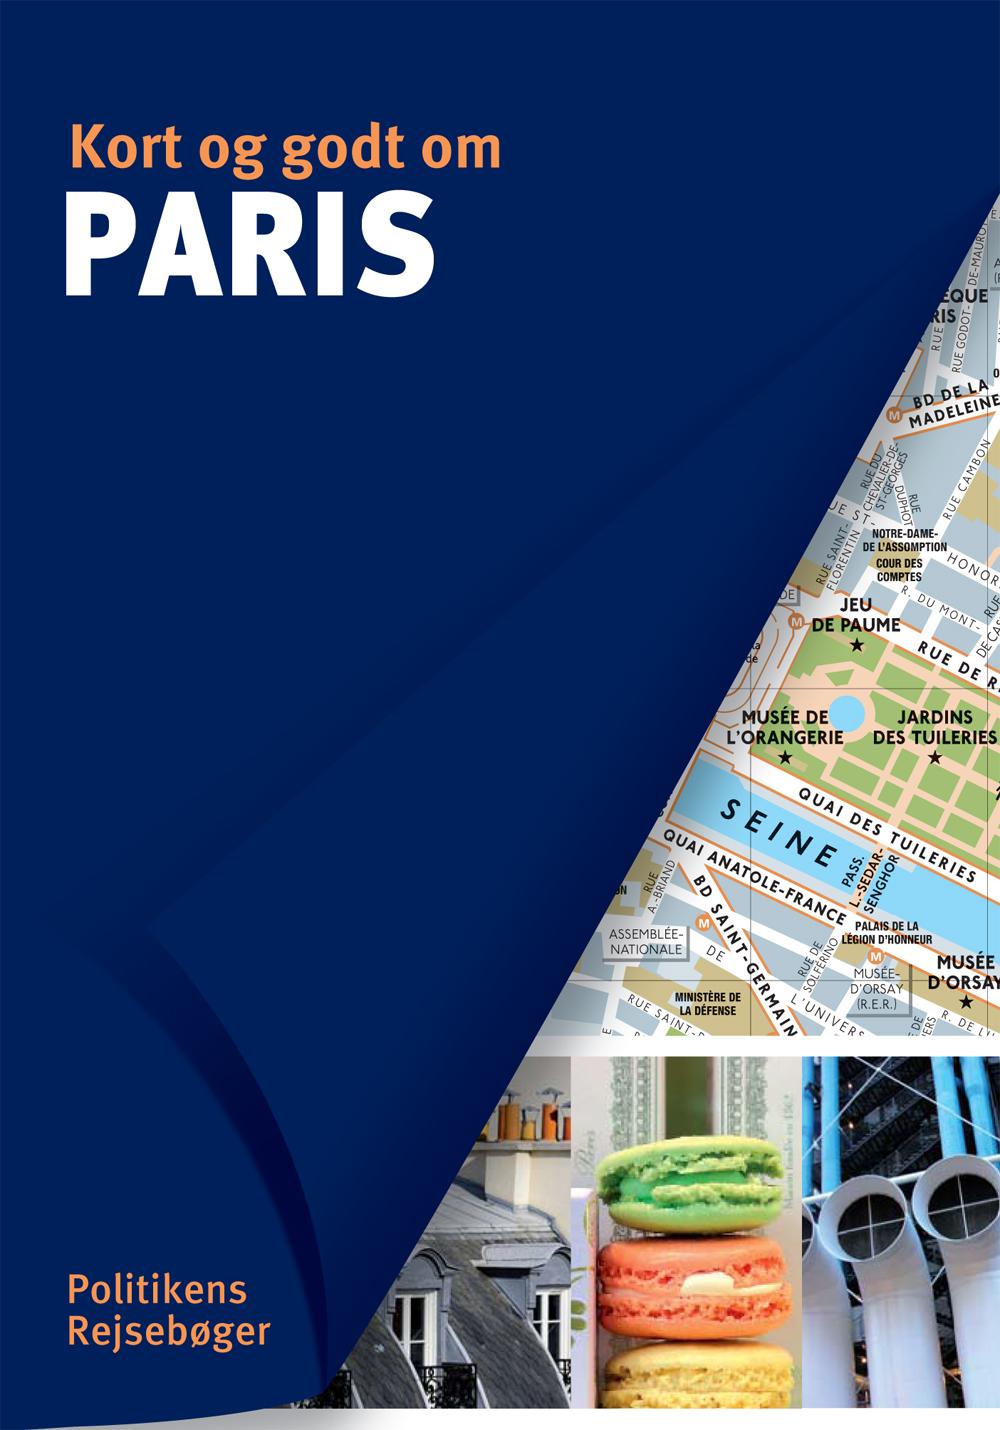 Kort og godt om Paris